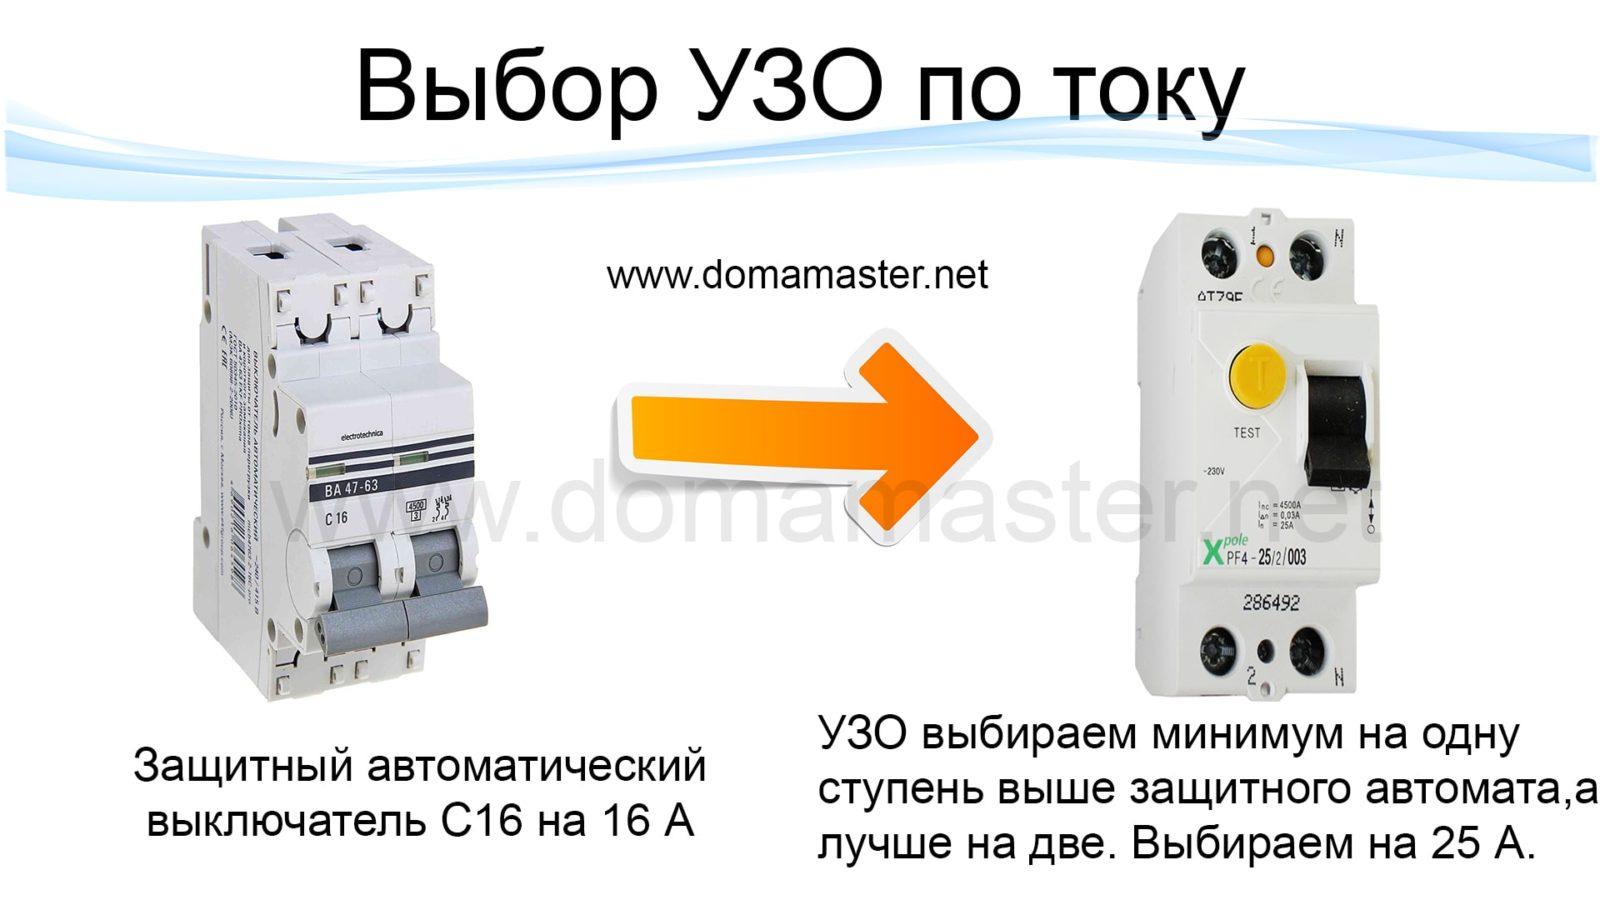 Как подобрать узо и автомат по мощности - всё о электрике